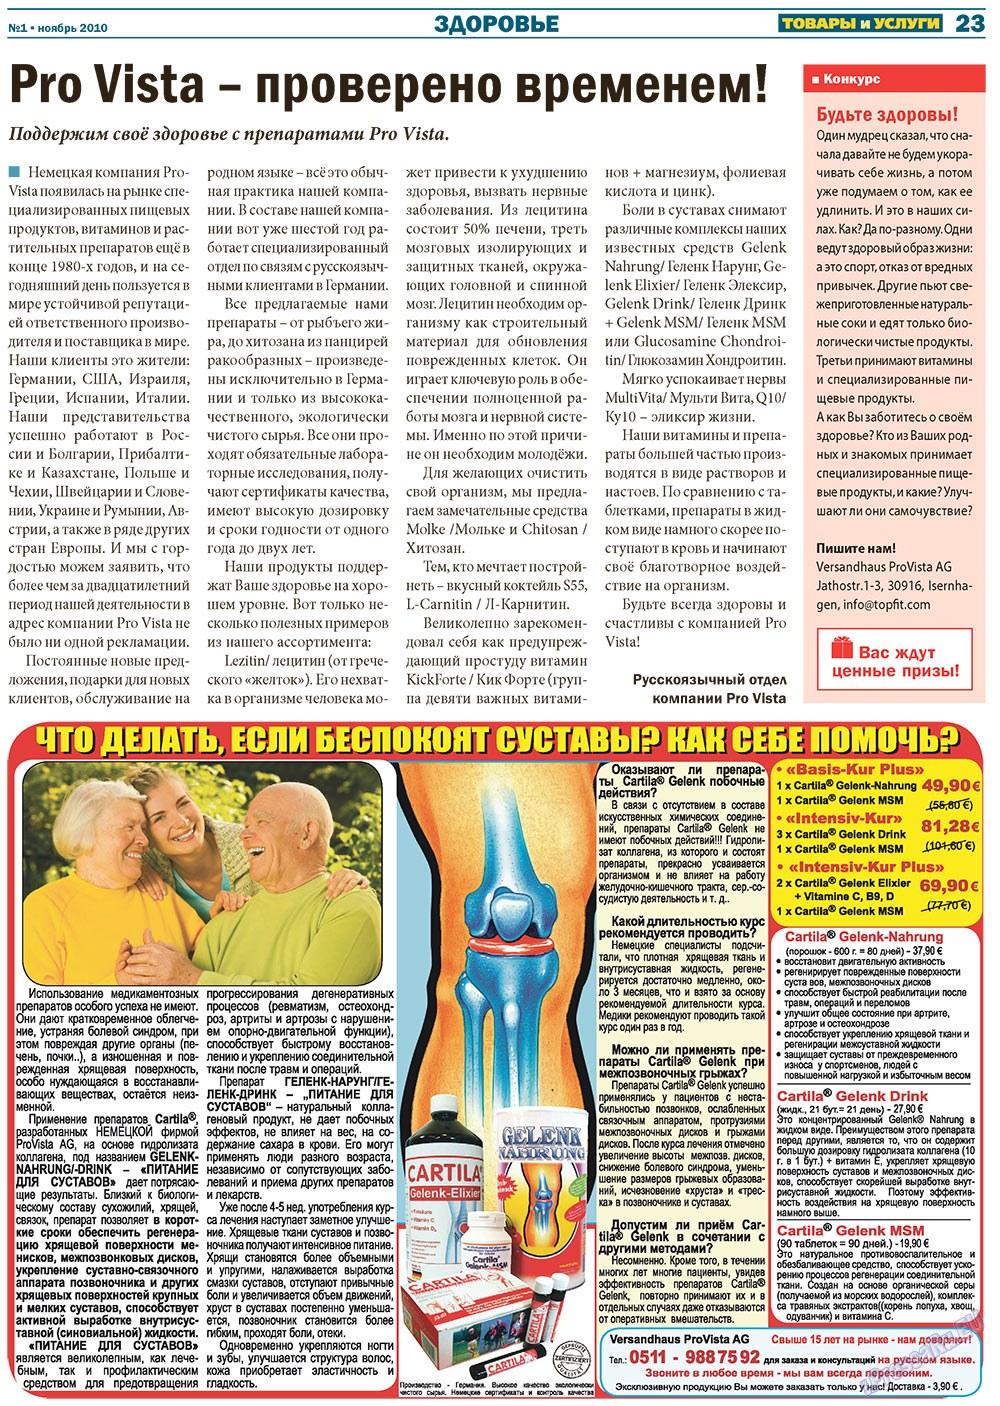 Товары и услуги (газета). 2010 год, номер 1, стр. 23